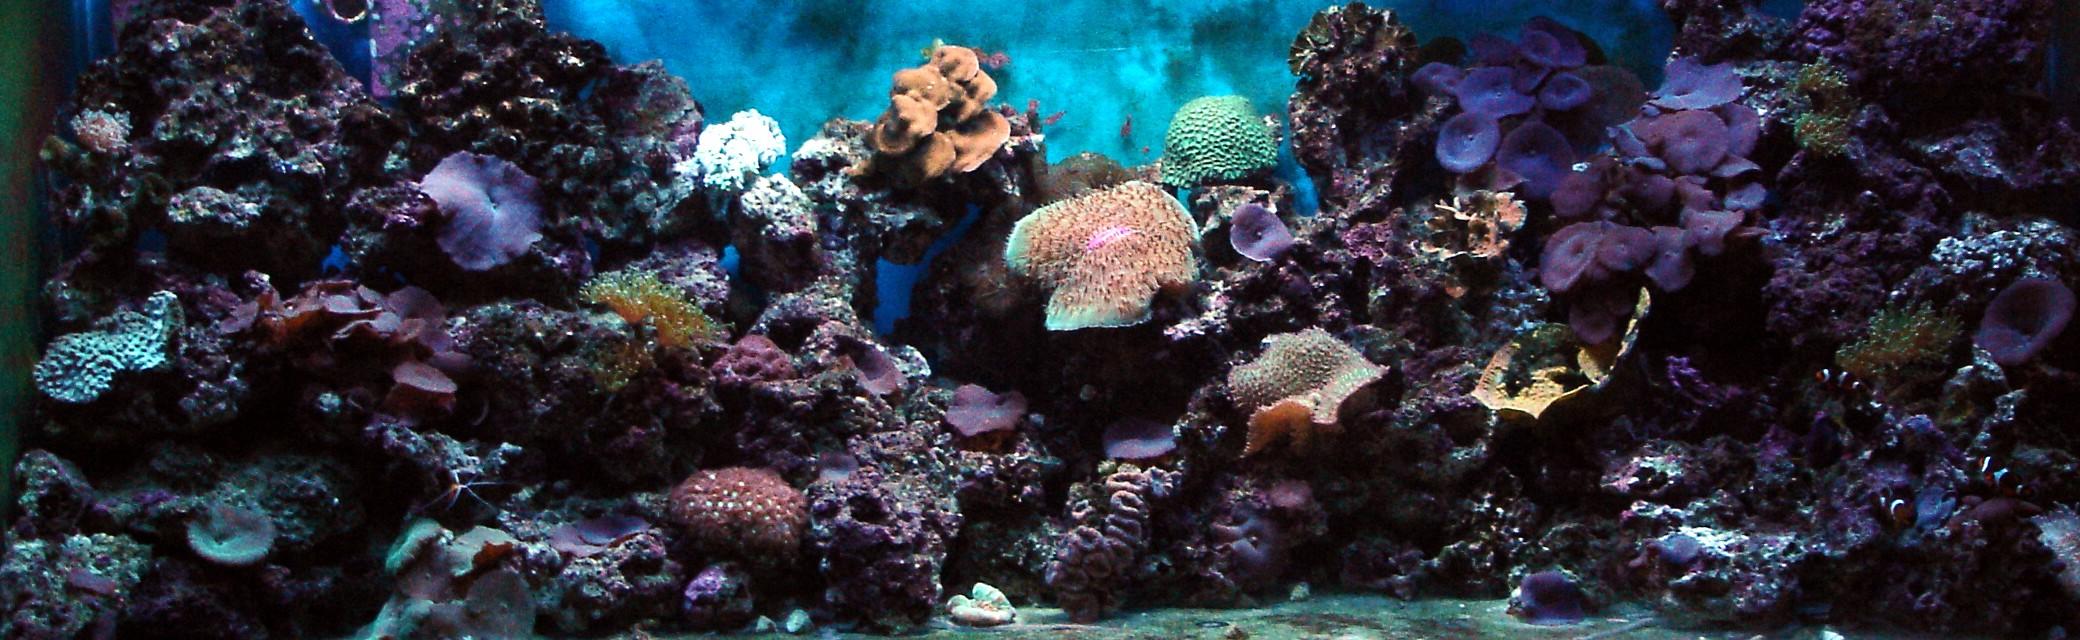 Reef Aquarium Design : .com Reef aquarium Lehigh Valley aquarium maintenance, design ...